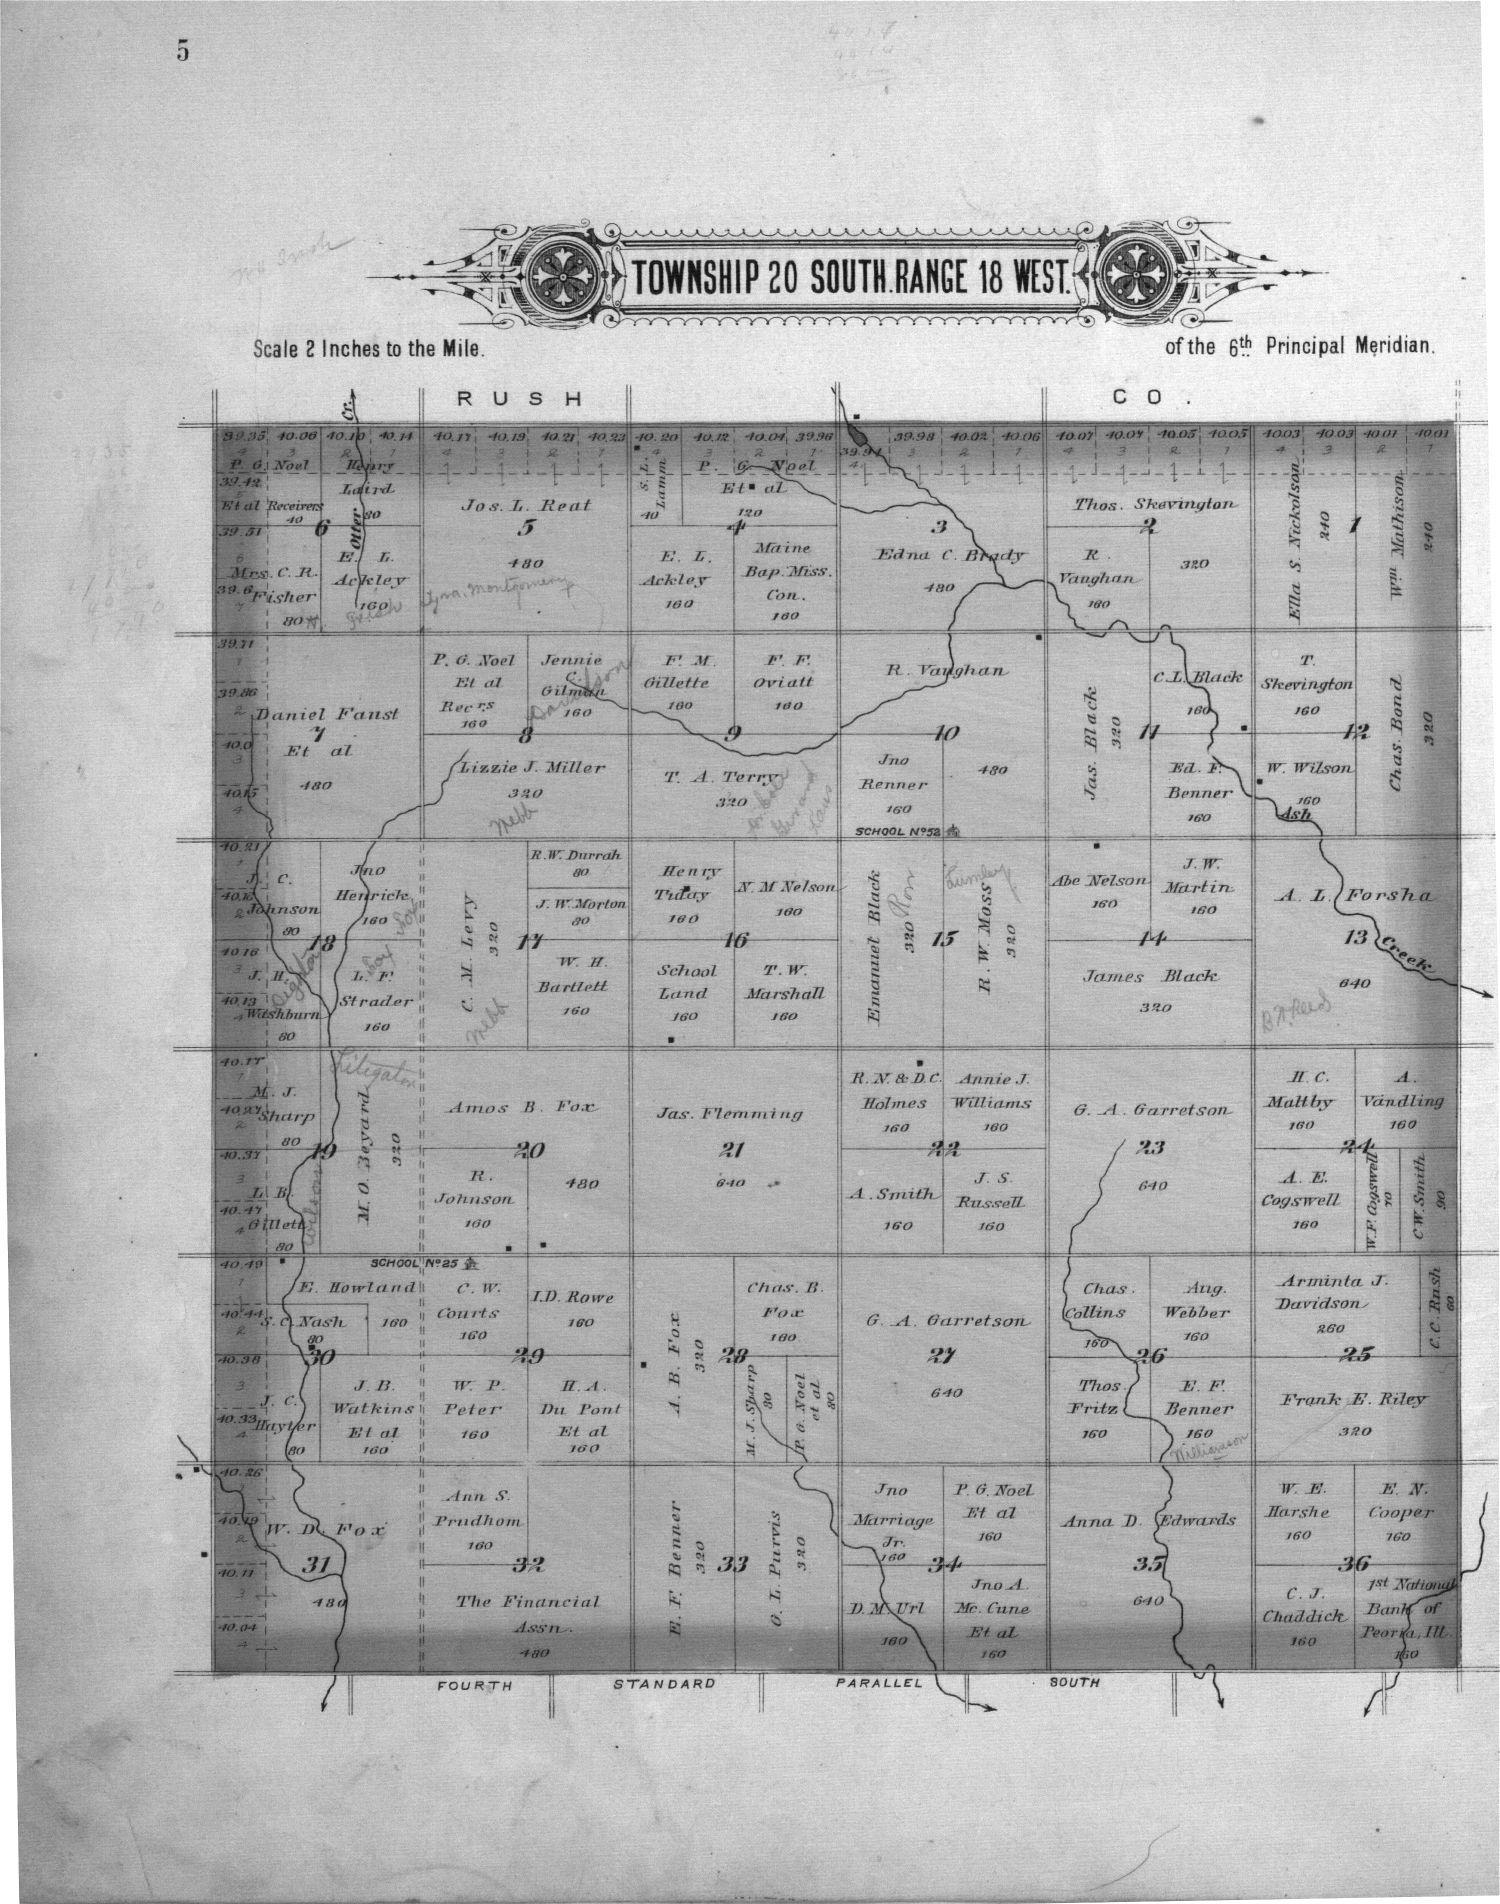 Plat book of Pawnee County, Kansas - 5